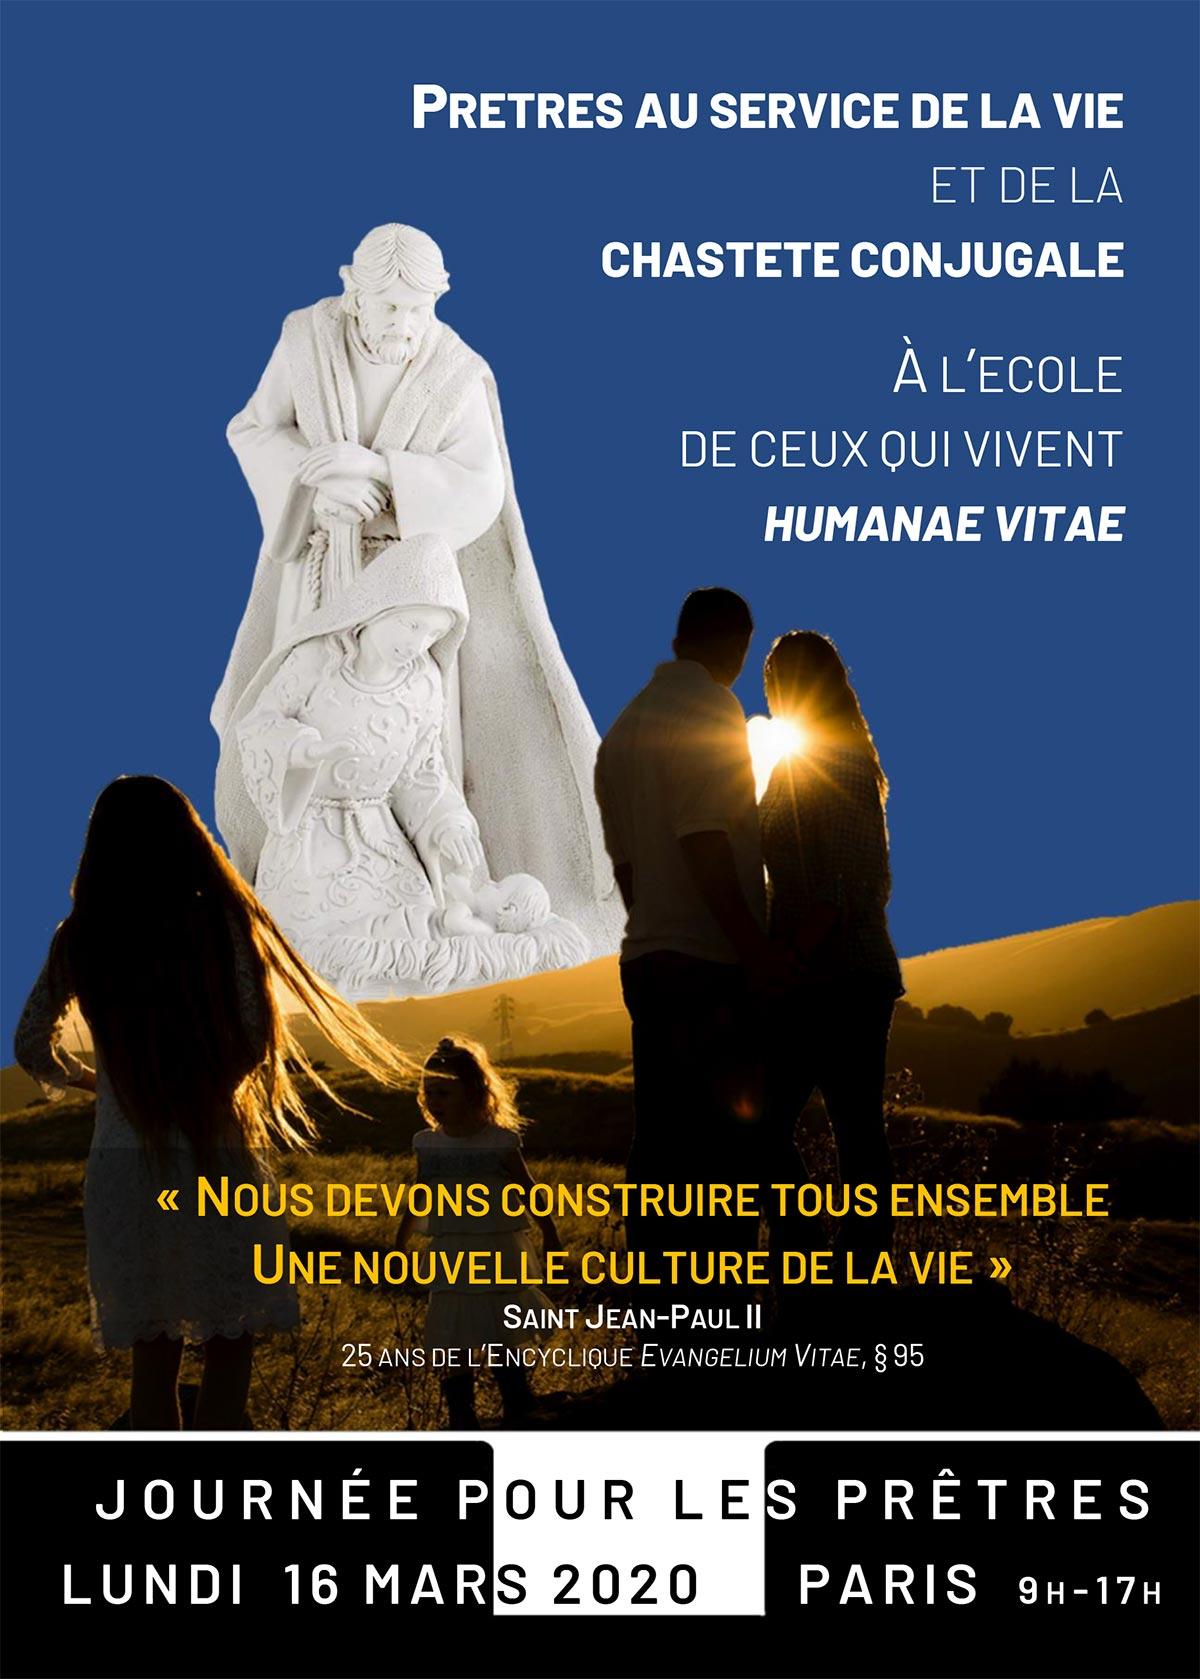 Journée pour les prêtres à Paris le 16 mars 2020